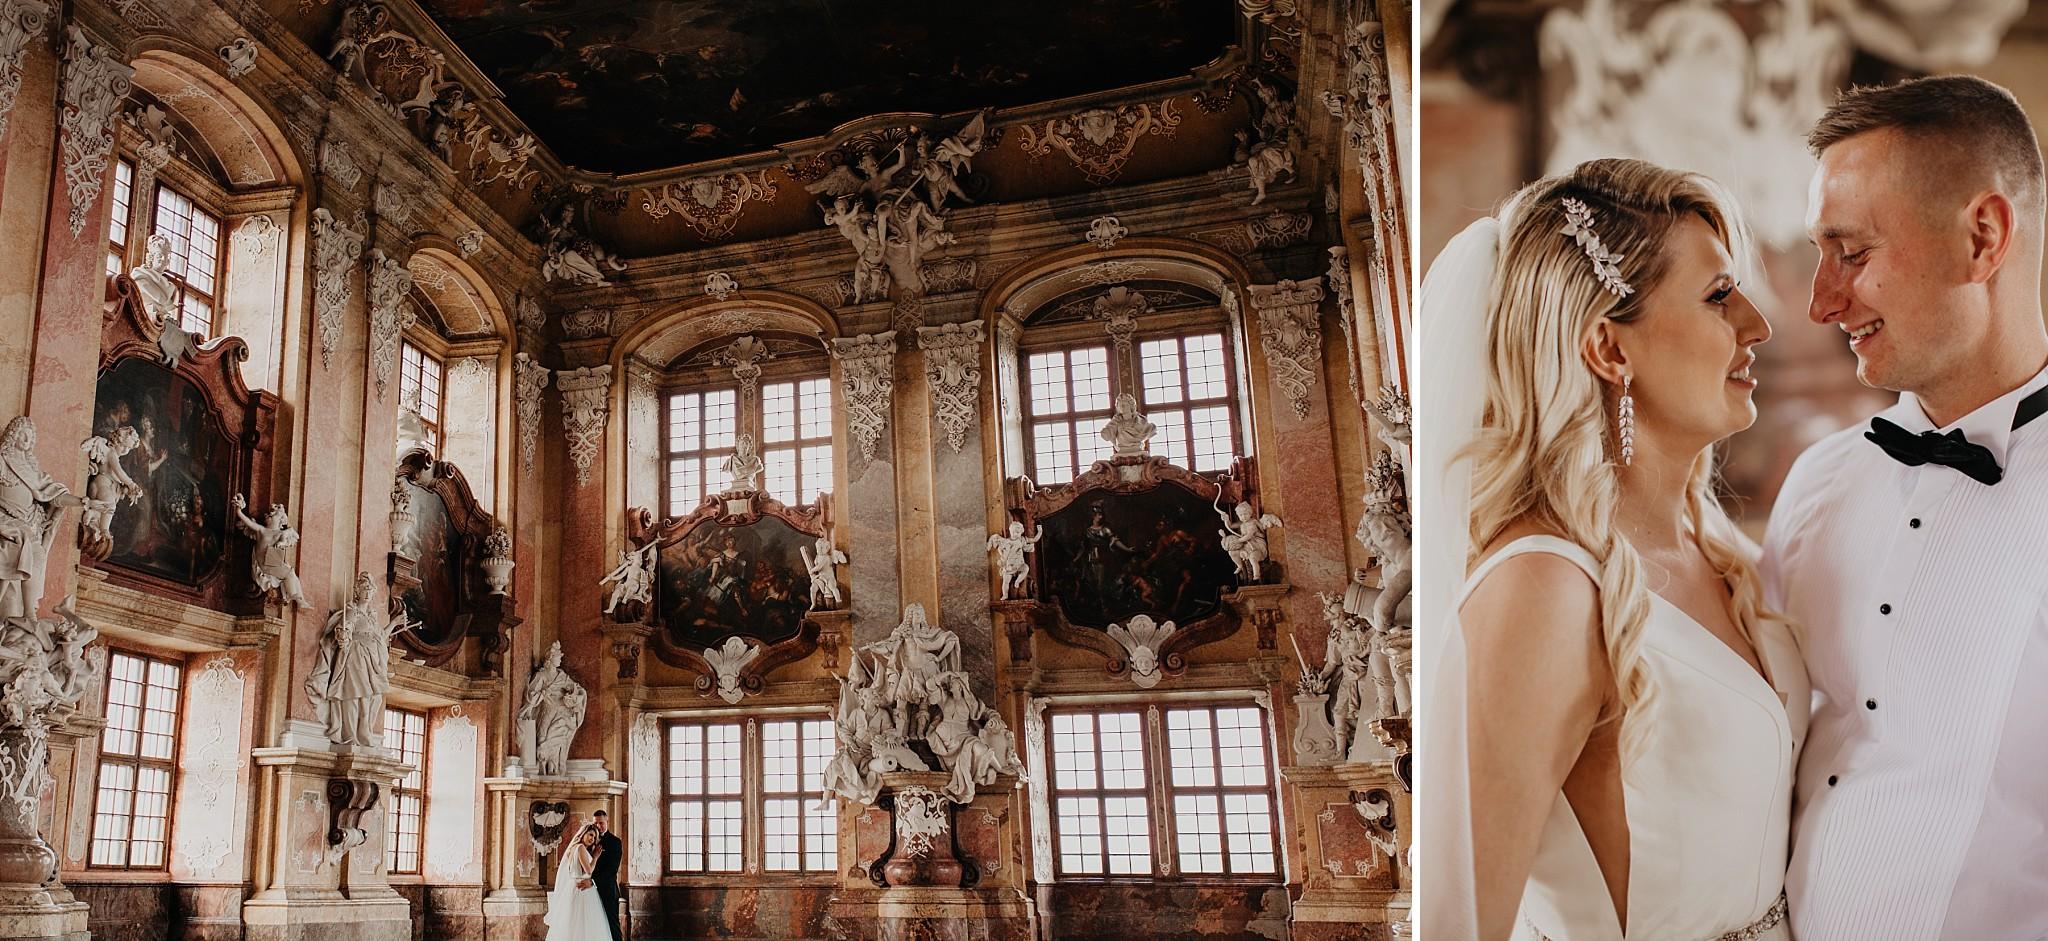 lubiaz opactwo cystersow sesja na zamku sesja zdjeciowa sesja slubna w palacu sesja palac fotograf z poznania fotografia slubna poznan 067